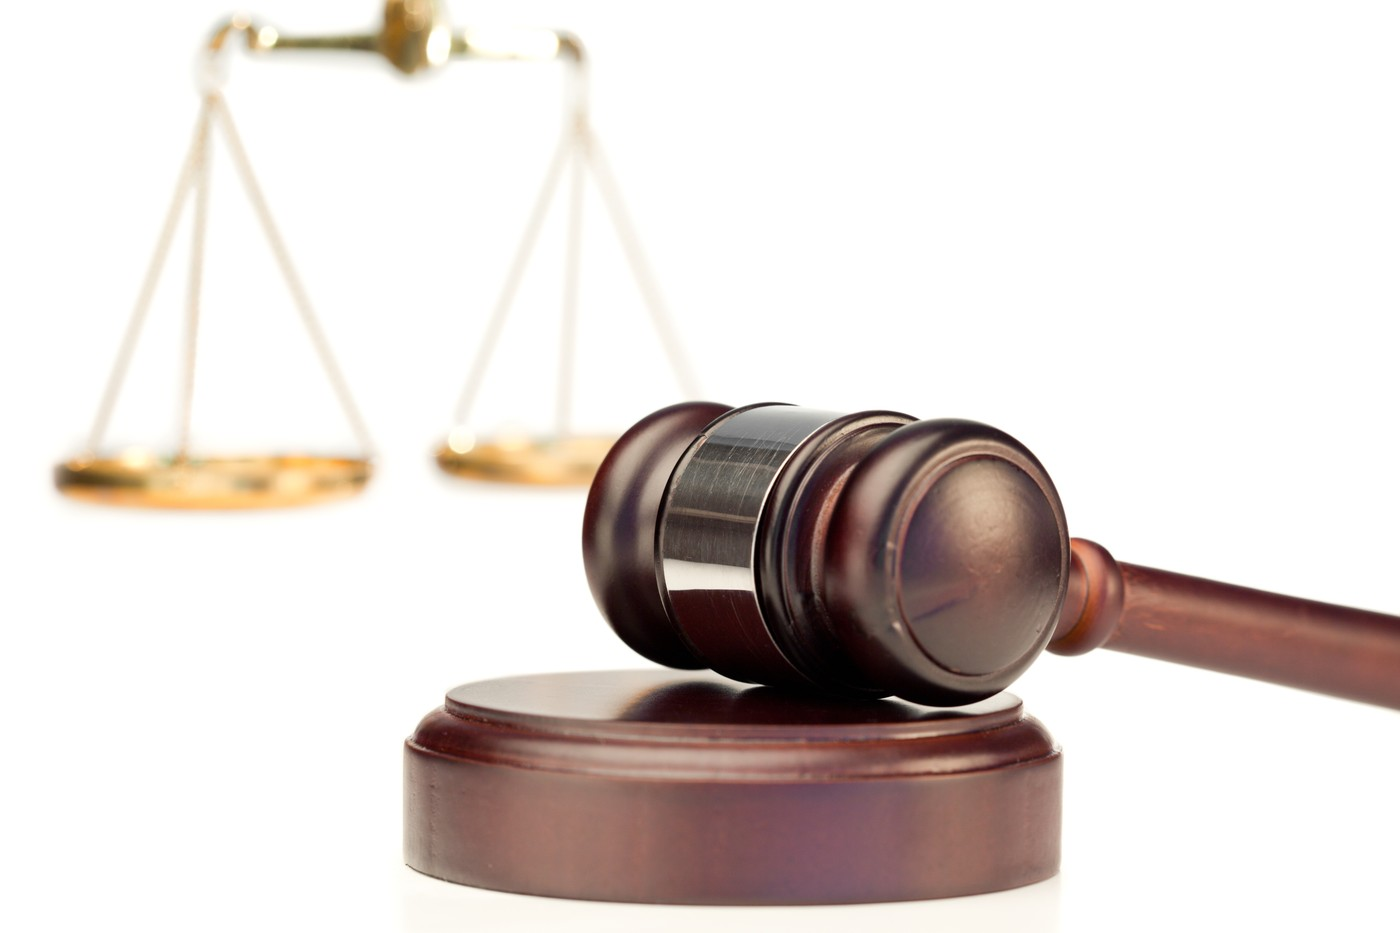 Specijalni sud danas saslušava bivšu poslanicu DPK-a